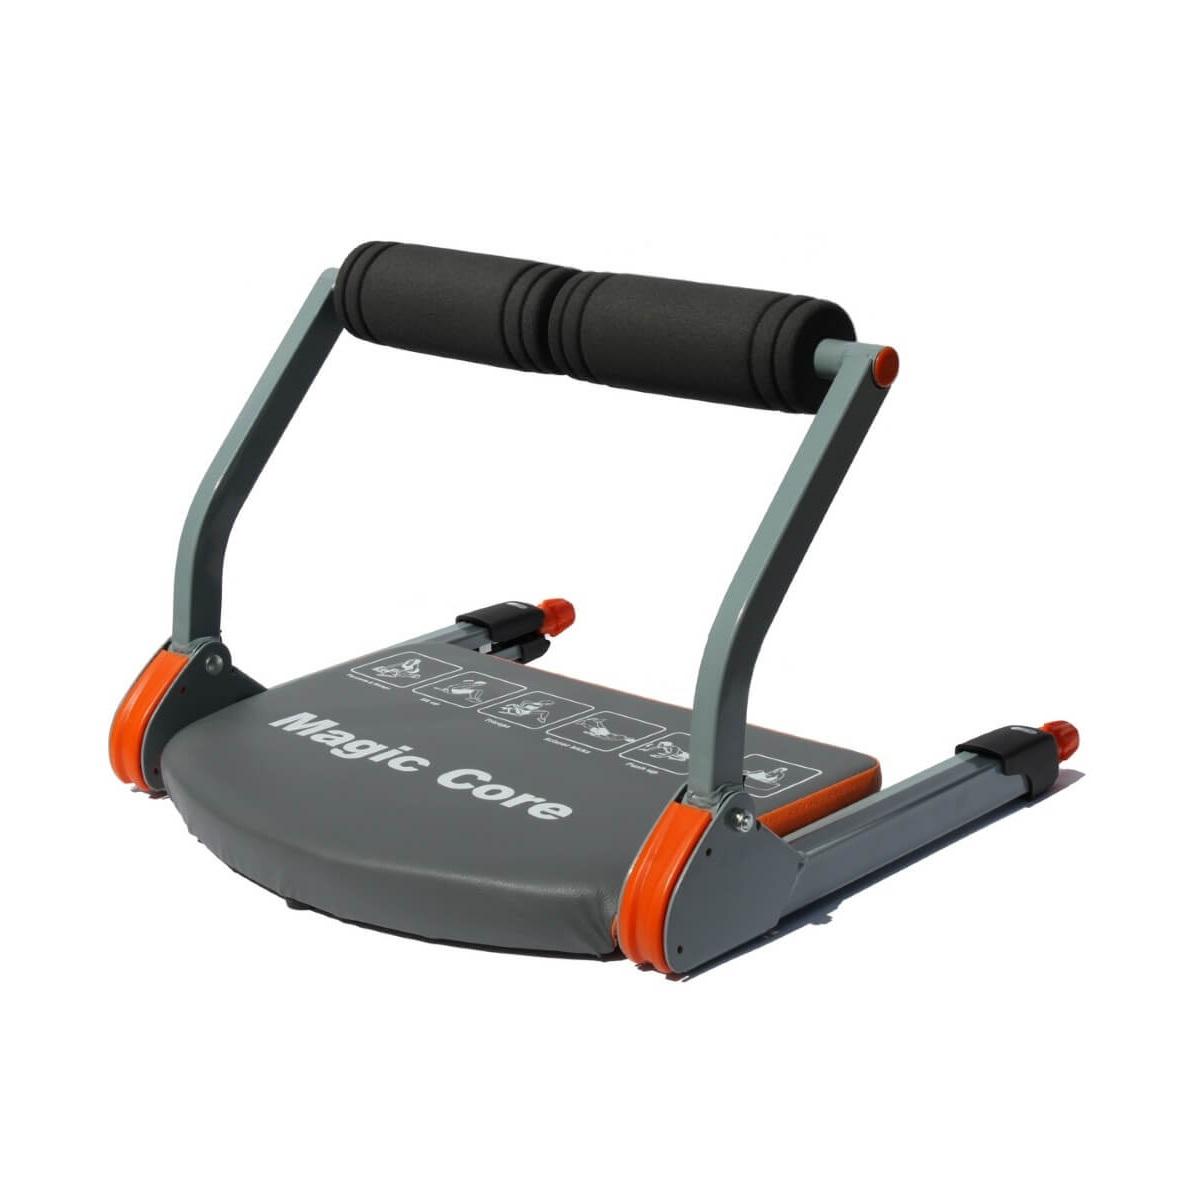 Posilovač břišních svalů SPARTAN Smart Magic Core